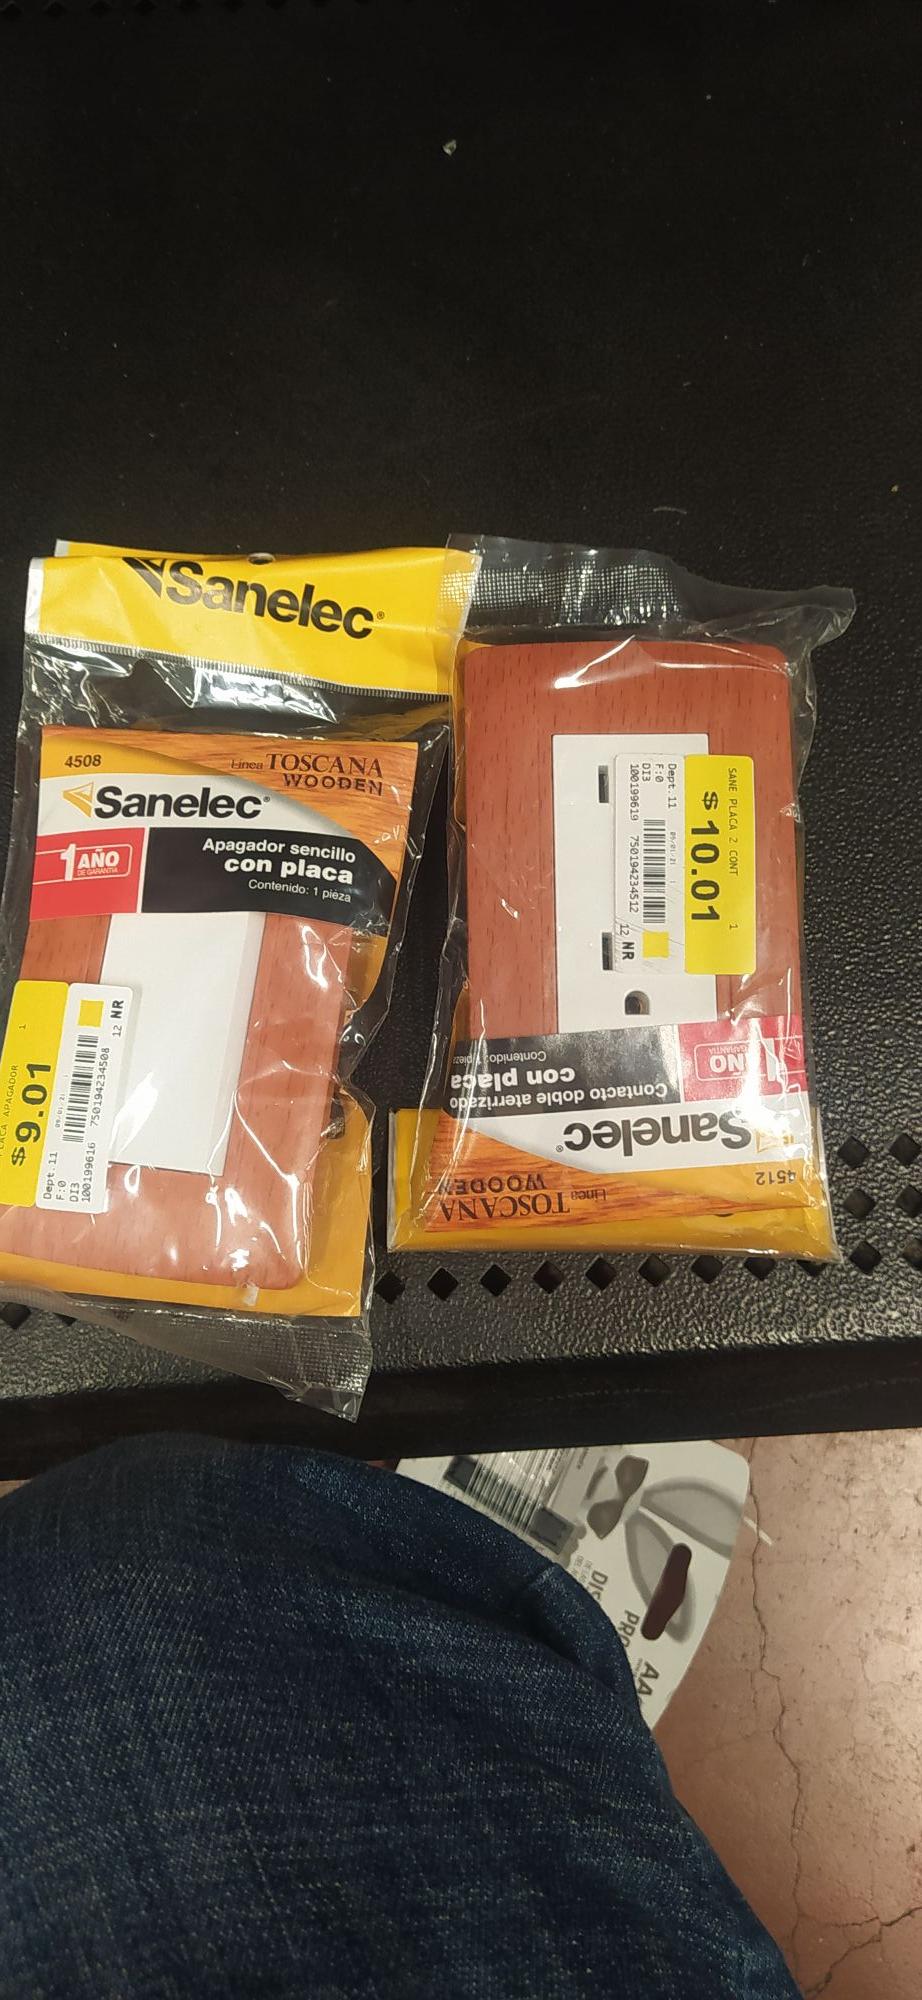 Walmart: Apagadores dobles de 1 y enchufes sanelec